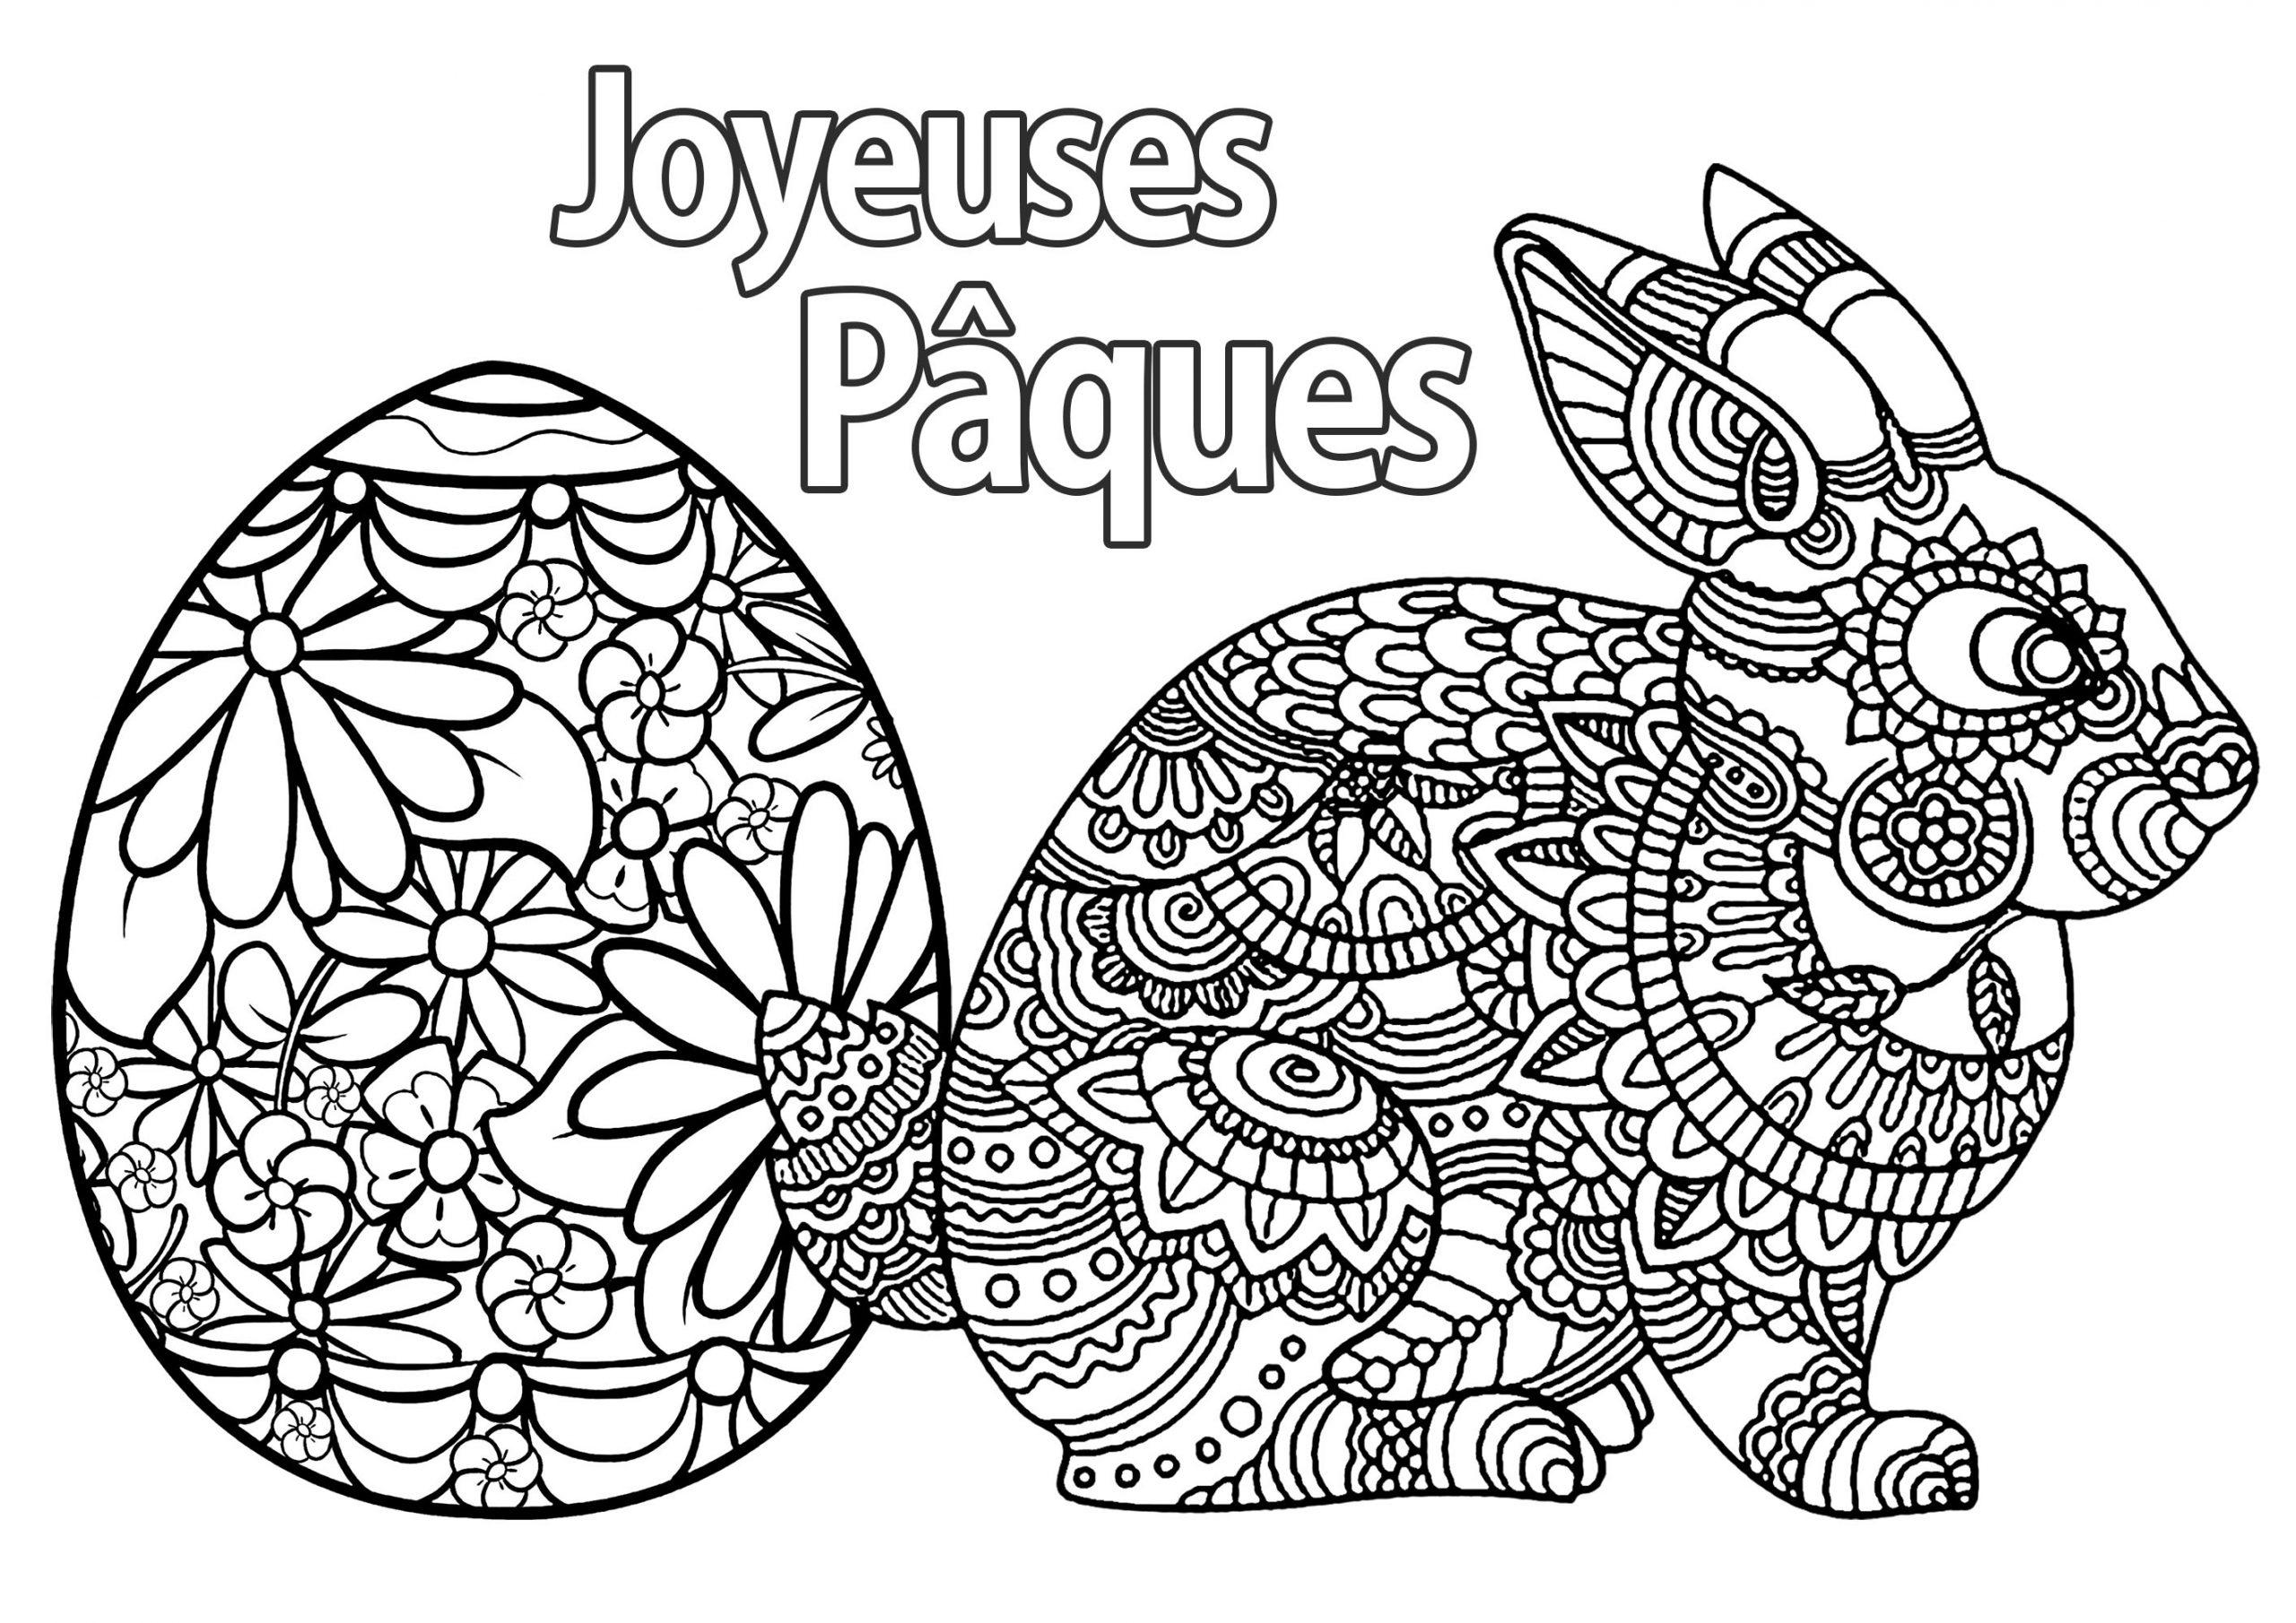 Oeuf Et Lapin De Paques Avec Texte - Pâques - Coloriages destiné Dessin Pour Paques